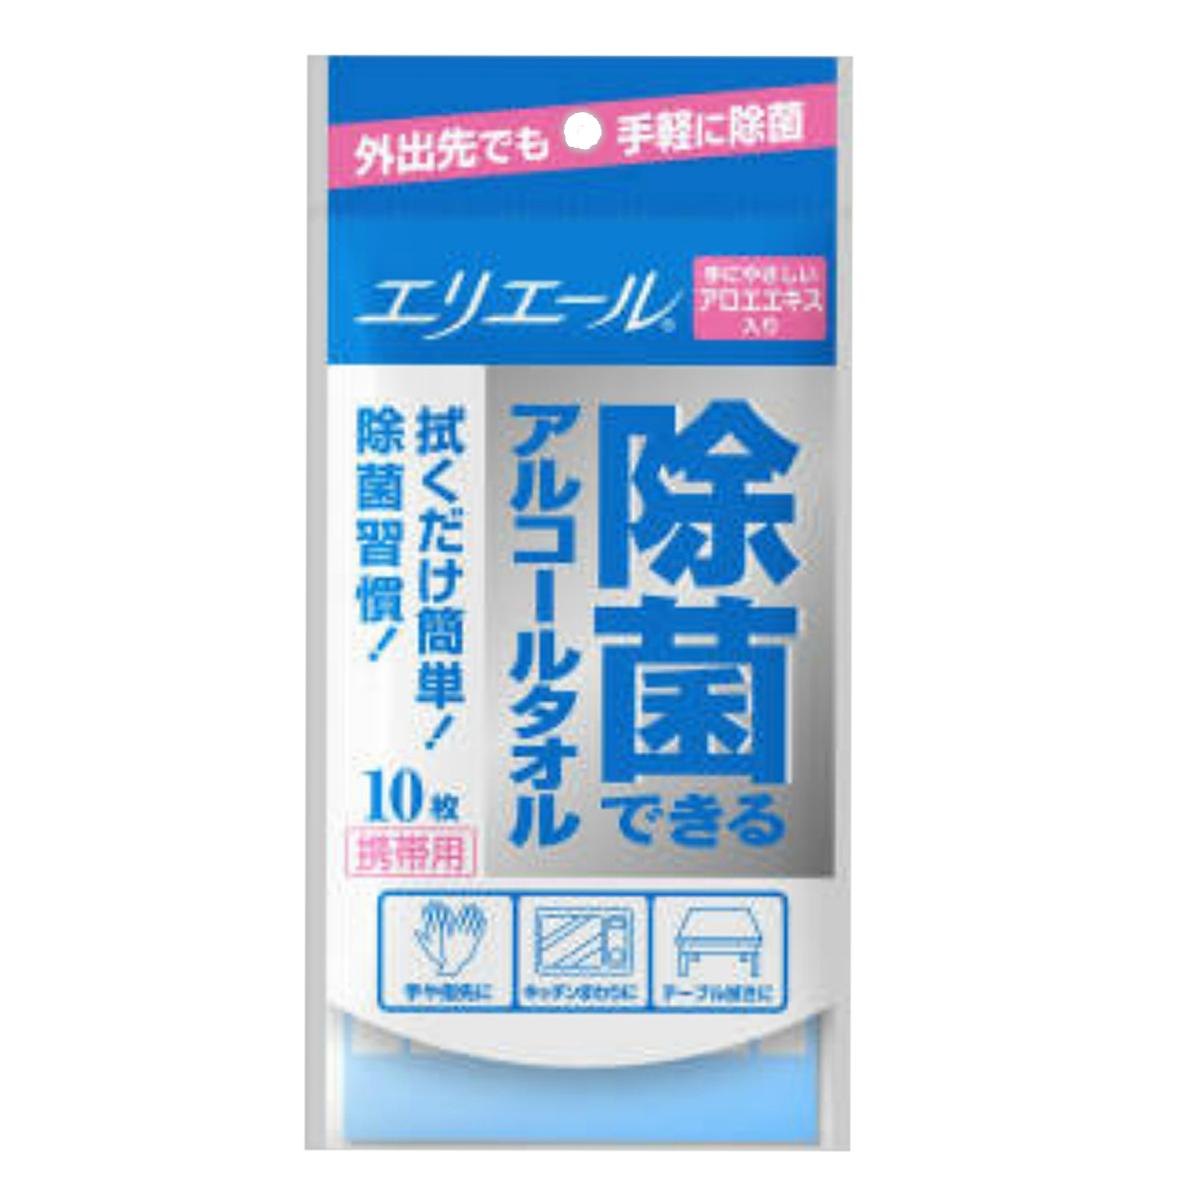 【送料無料】大王製紙 エリエール 除菌できるアルコールタオル携帯用 10枚入×144点セット まとめ買い特価!ケース販売 ( 4902011649215 )